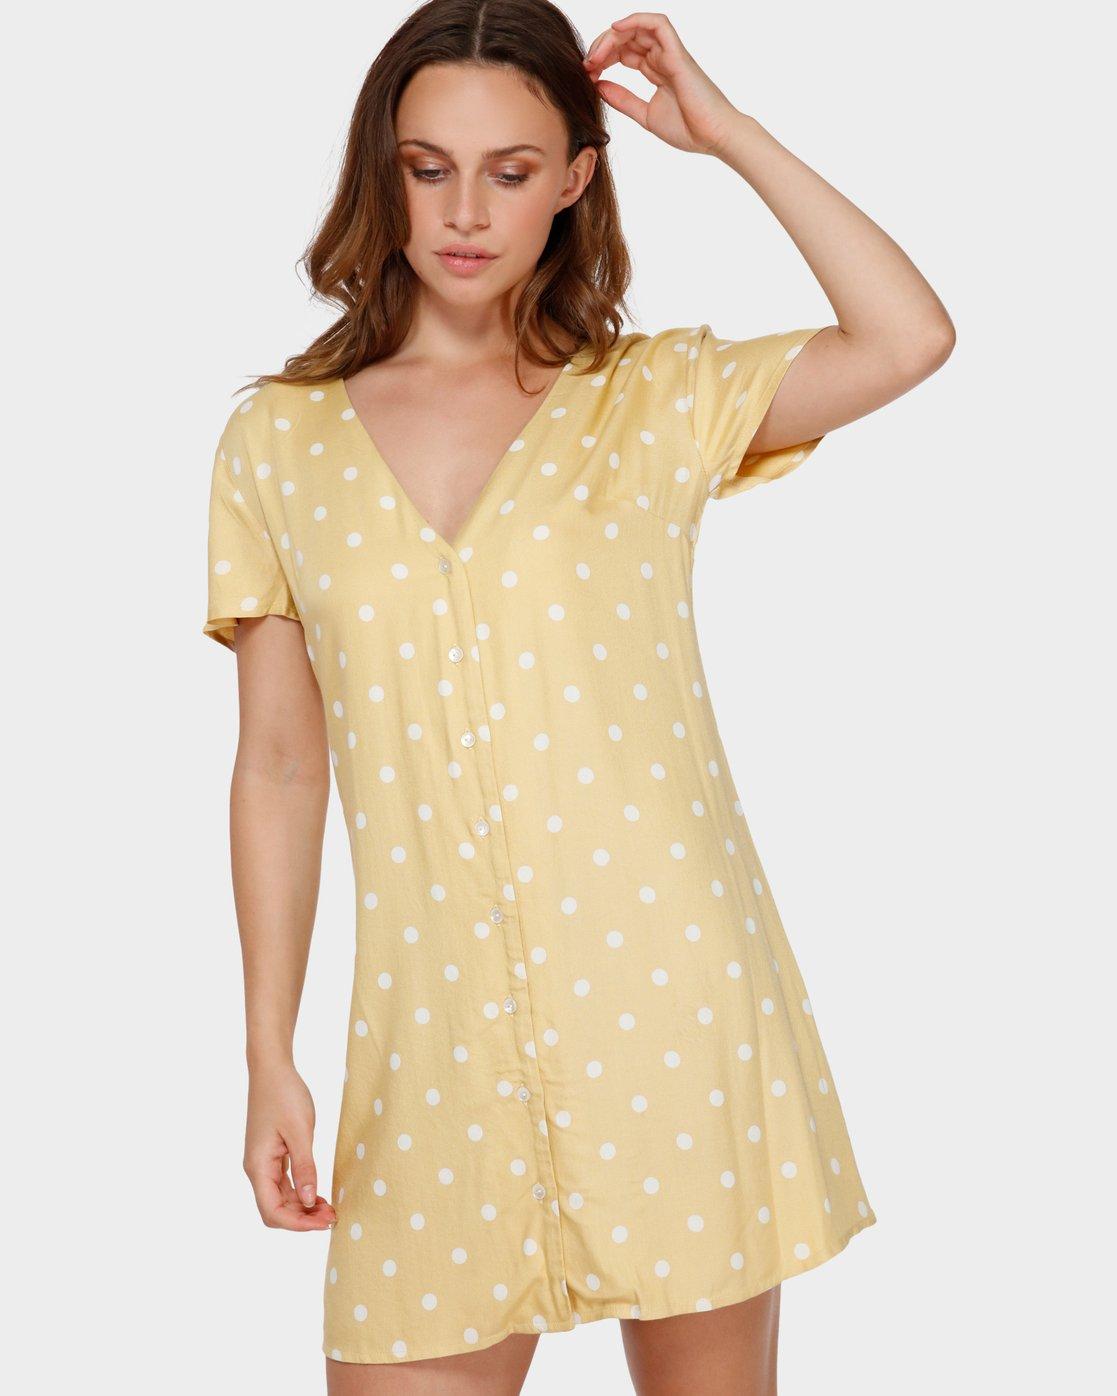 0 Benji Dress Beige R282774 RVCA